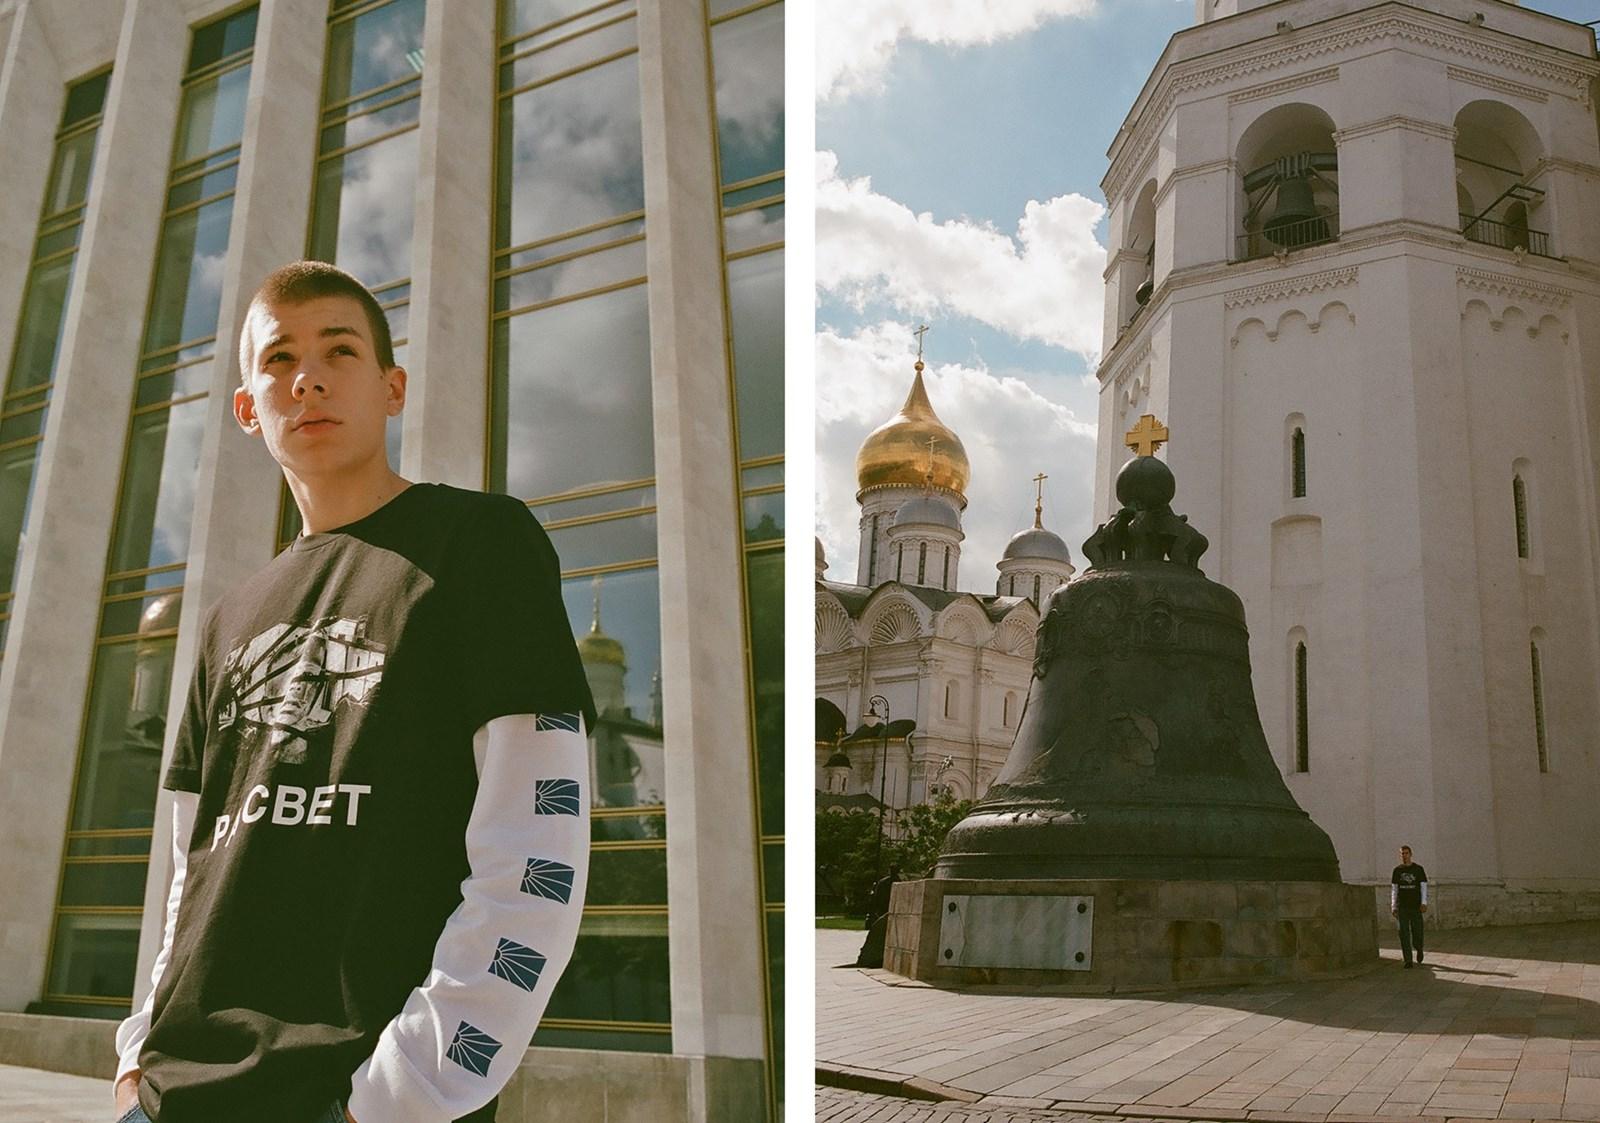 Dwa zdjęcia - na jednym młody mężczyzna w czarnej koszulce, na drugim wielki dzwon pod rosyjską cerkwią